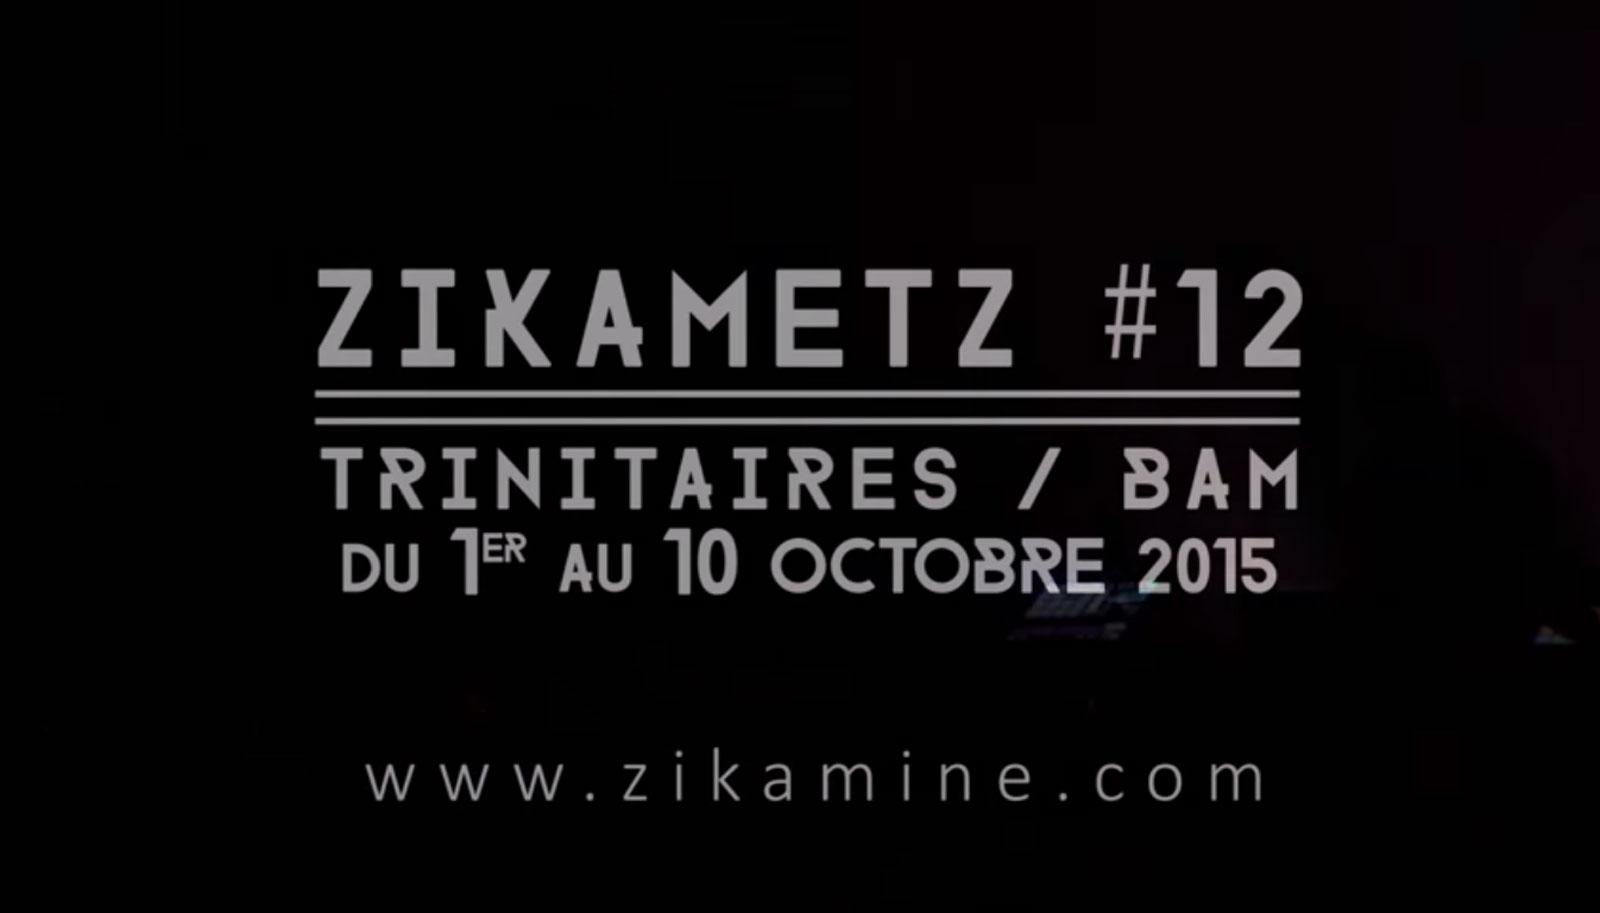 Festival Zikametz : ça commence demain 1er octobre